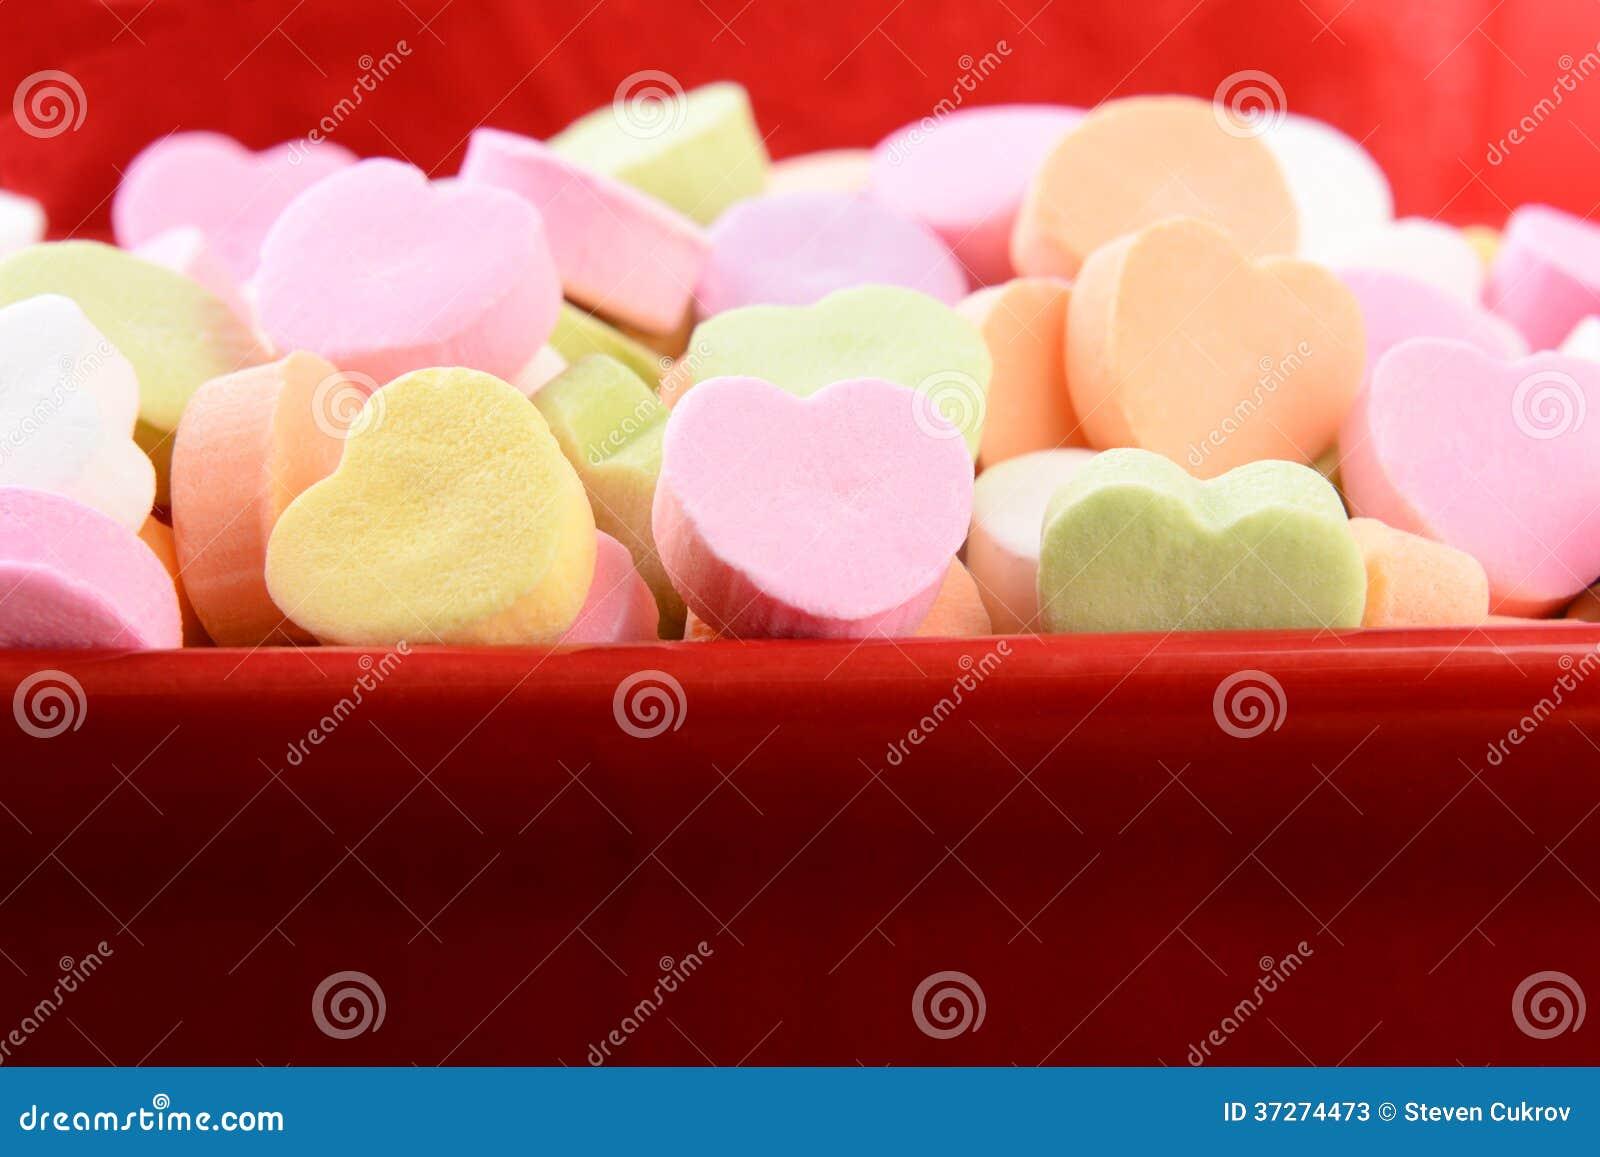 Sortierte Süßigkeits-Herzen in der roten Süßigkeits-Schüssel